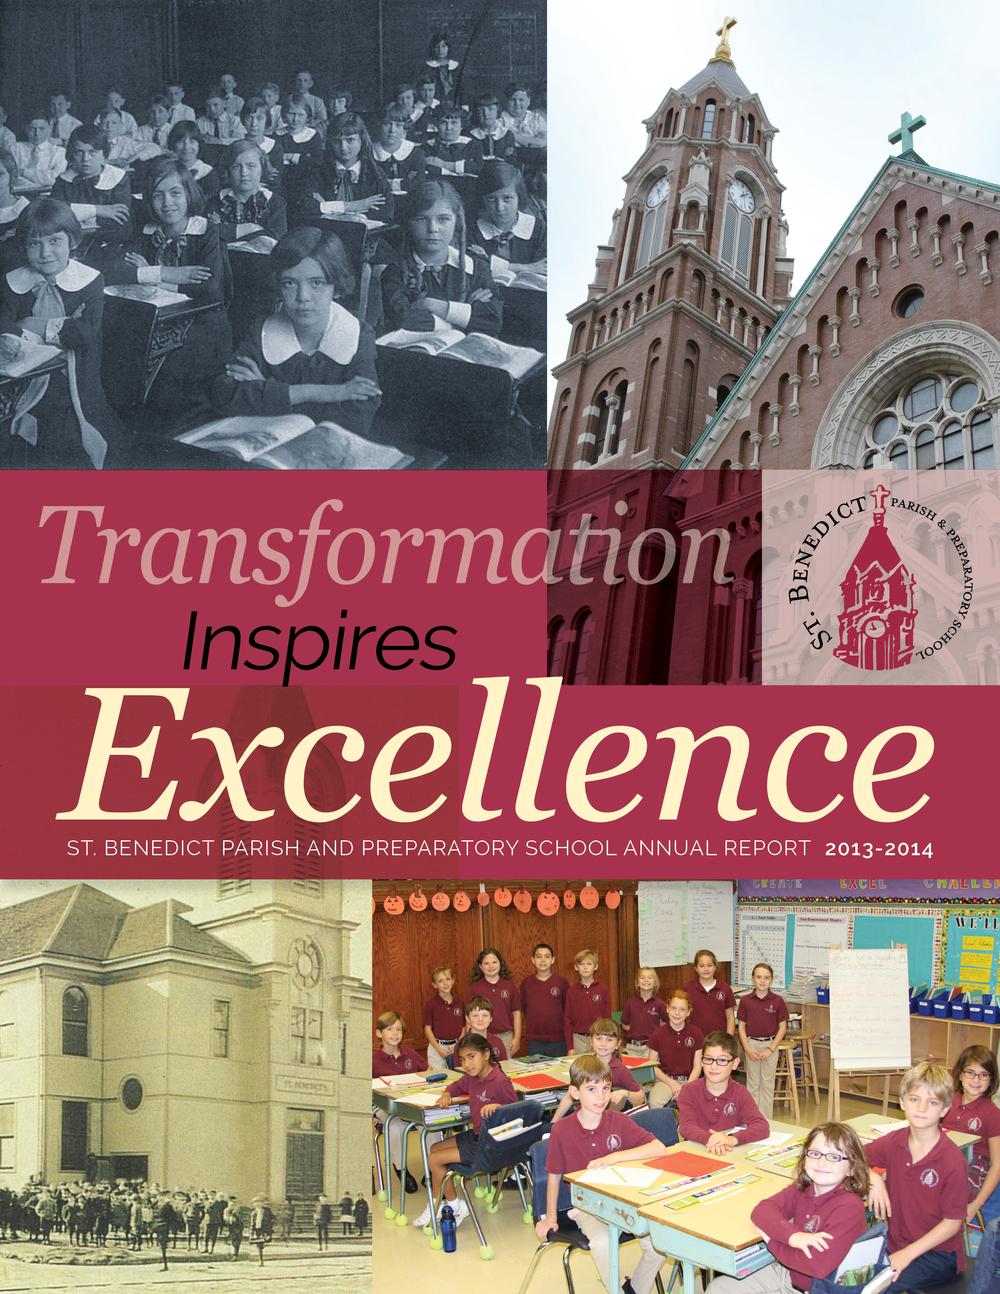 ST BENEDICT PARISH & PREPARATORY SCHOOL 2013-14 ANNUAL REPORT